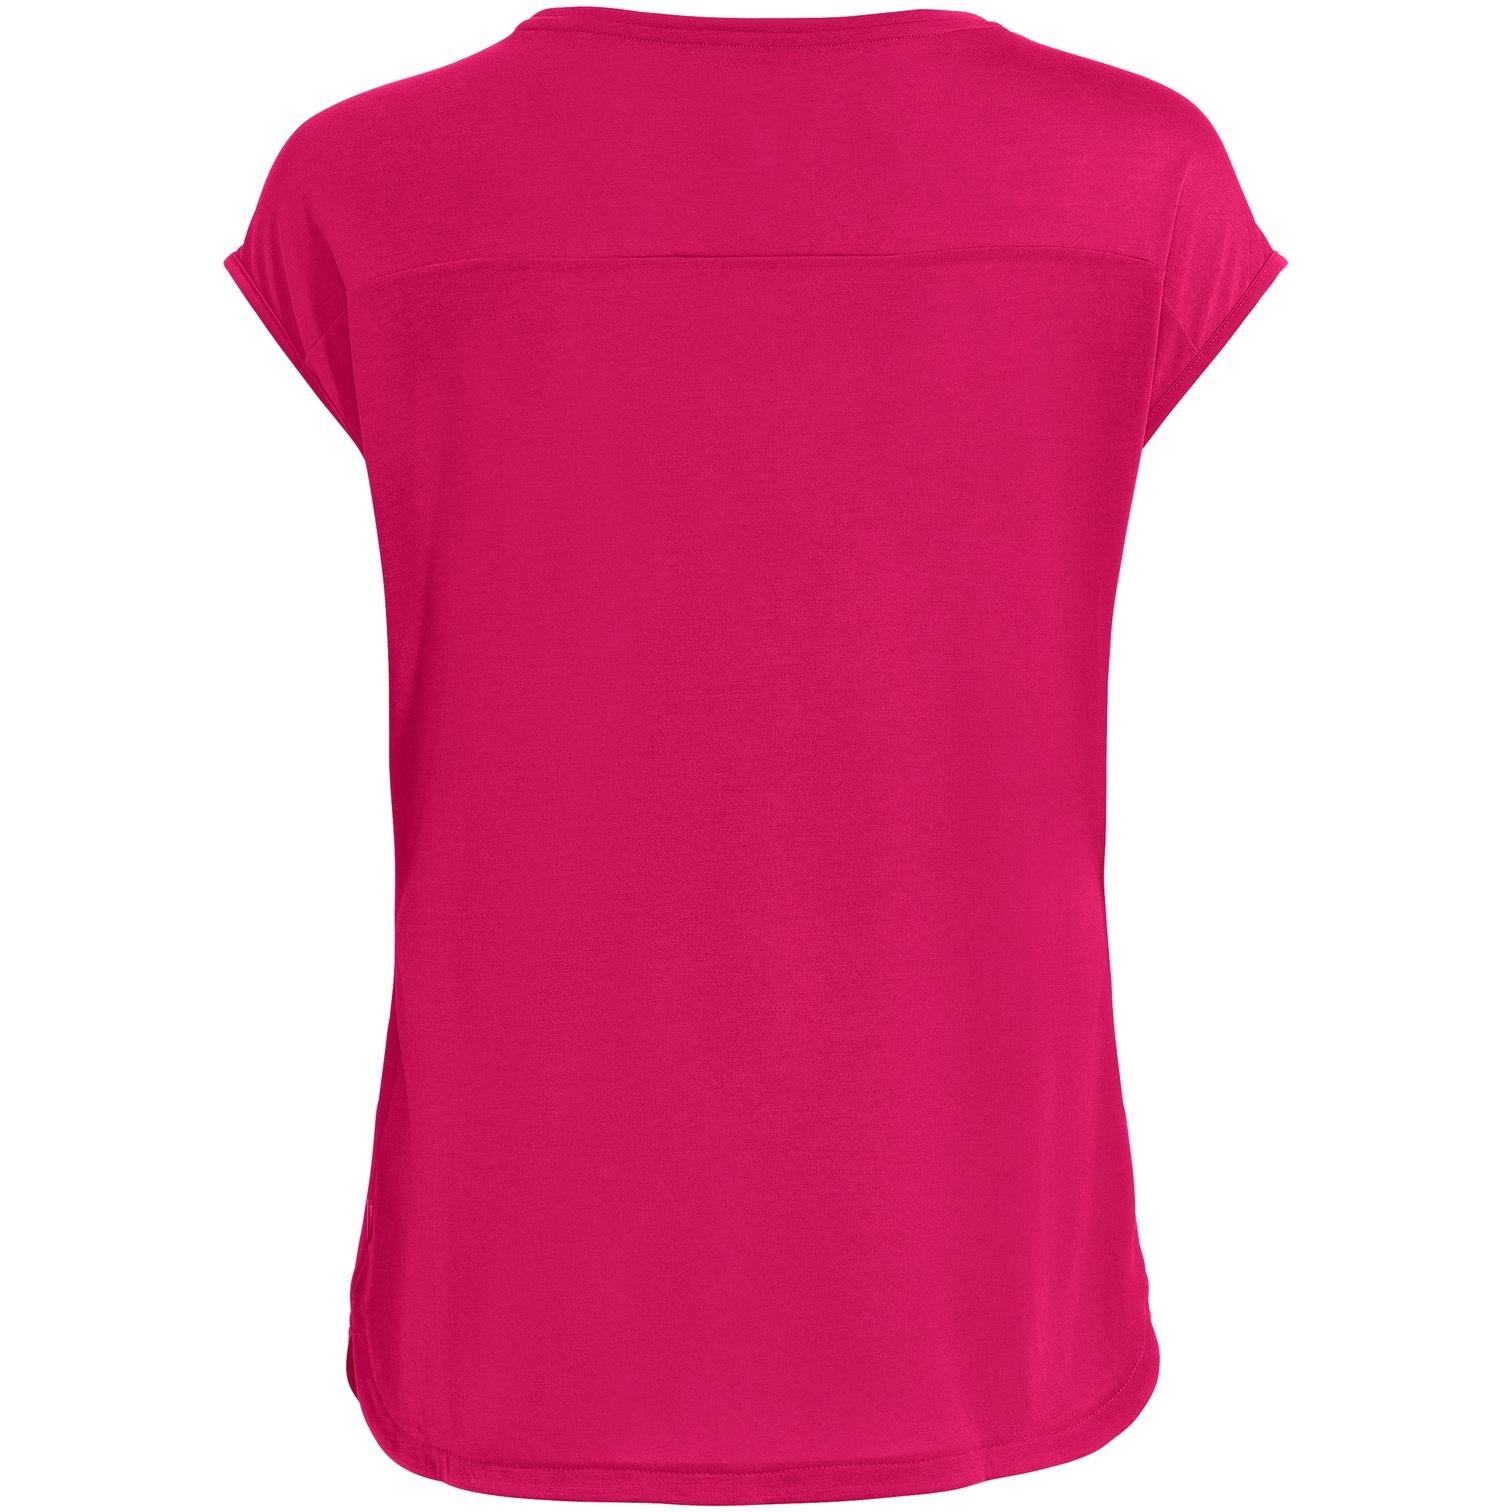 Bild von Vaude Tekoa Damen T-Shirt - bramble